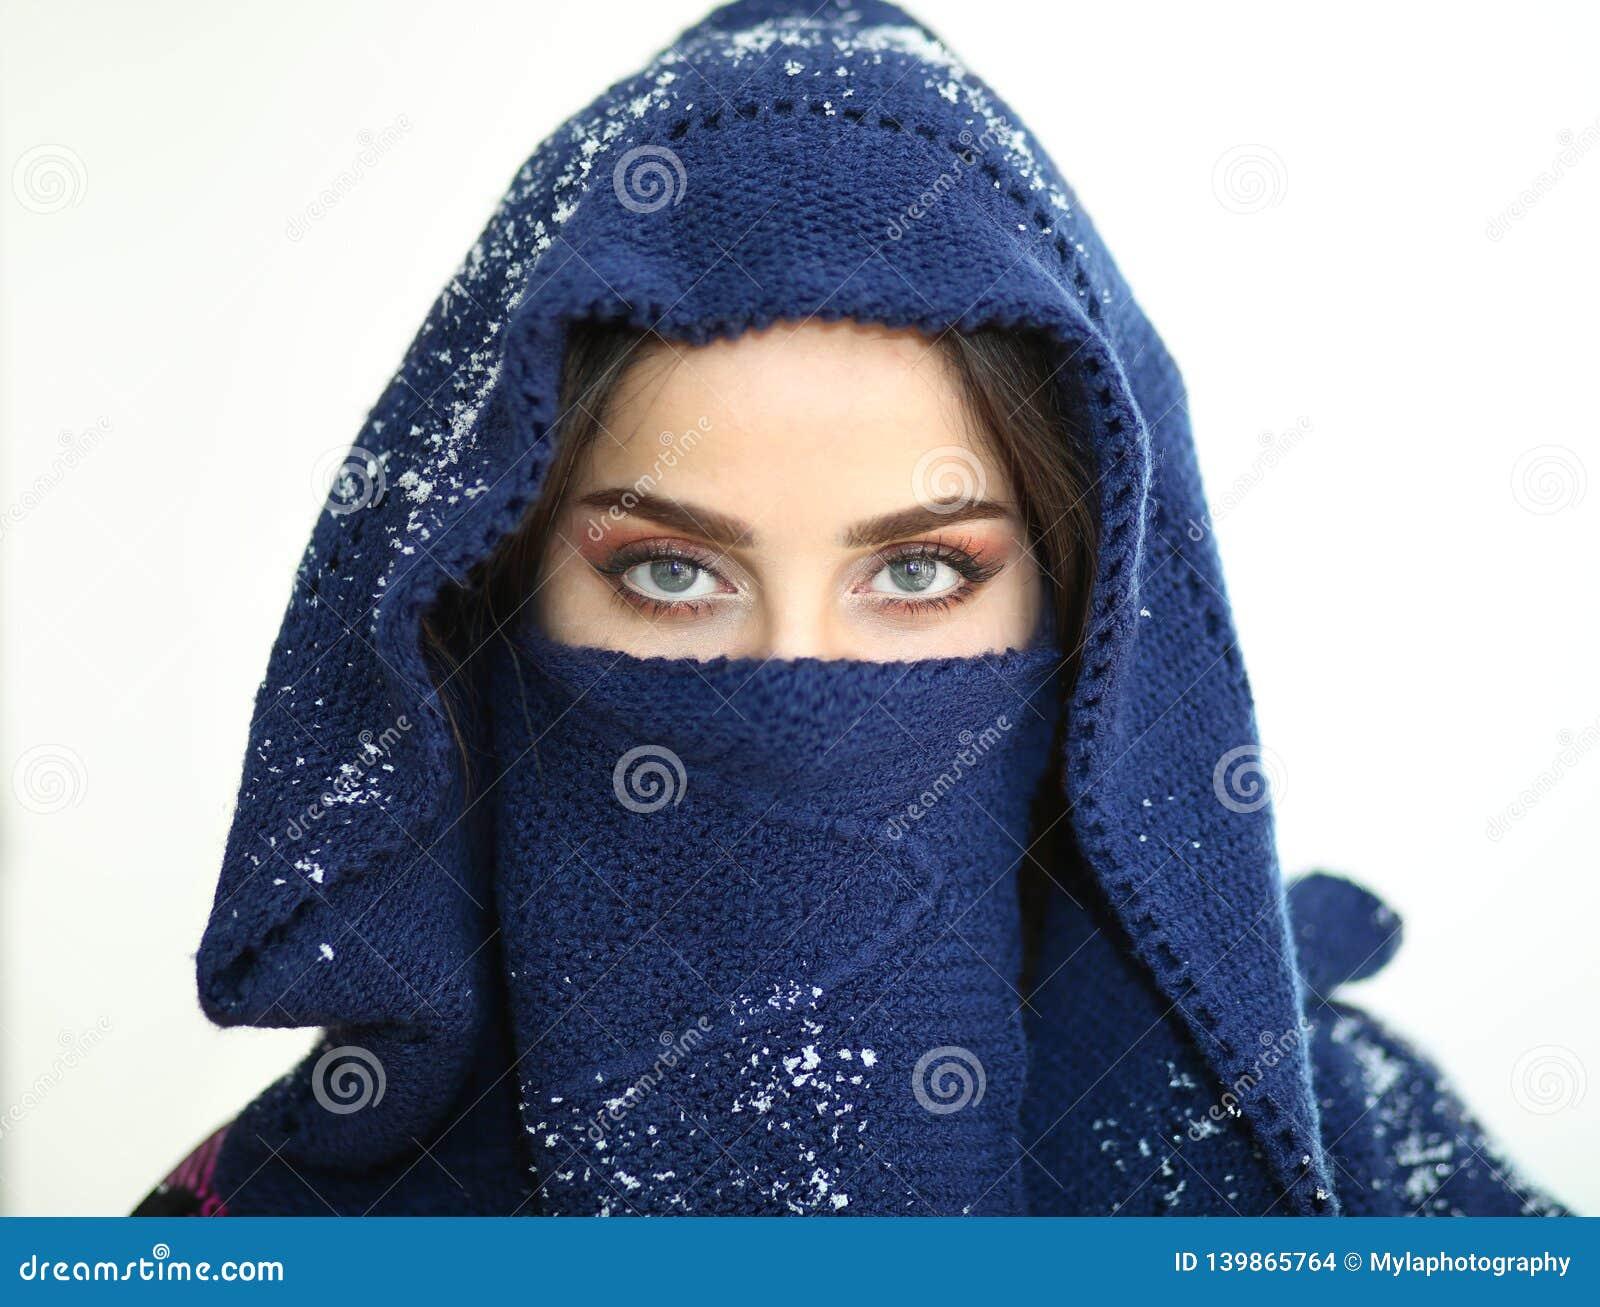 Angelo degli occhi azzurri della neve